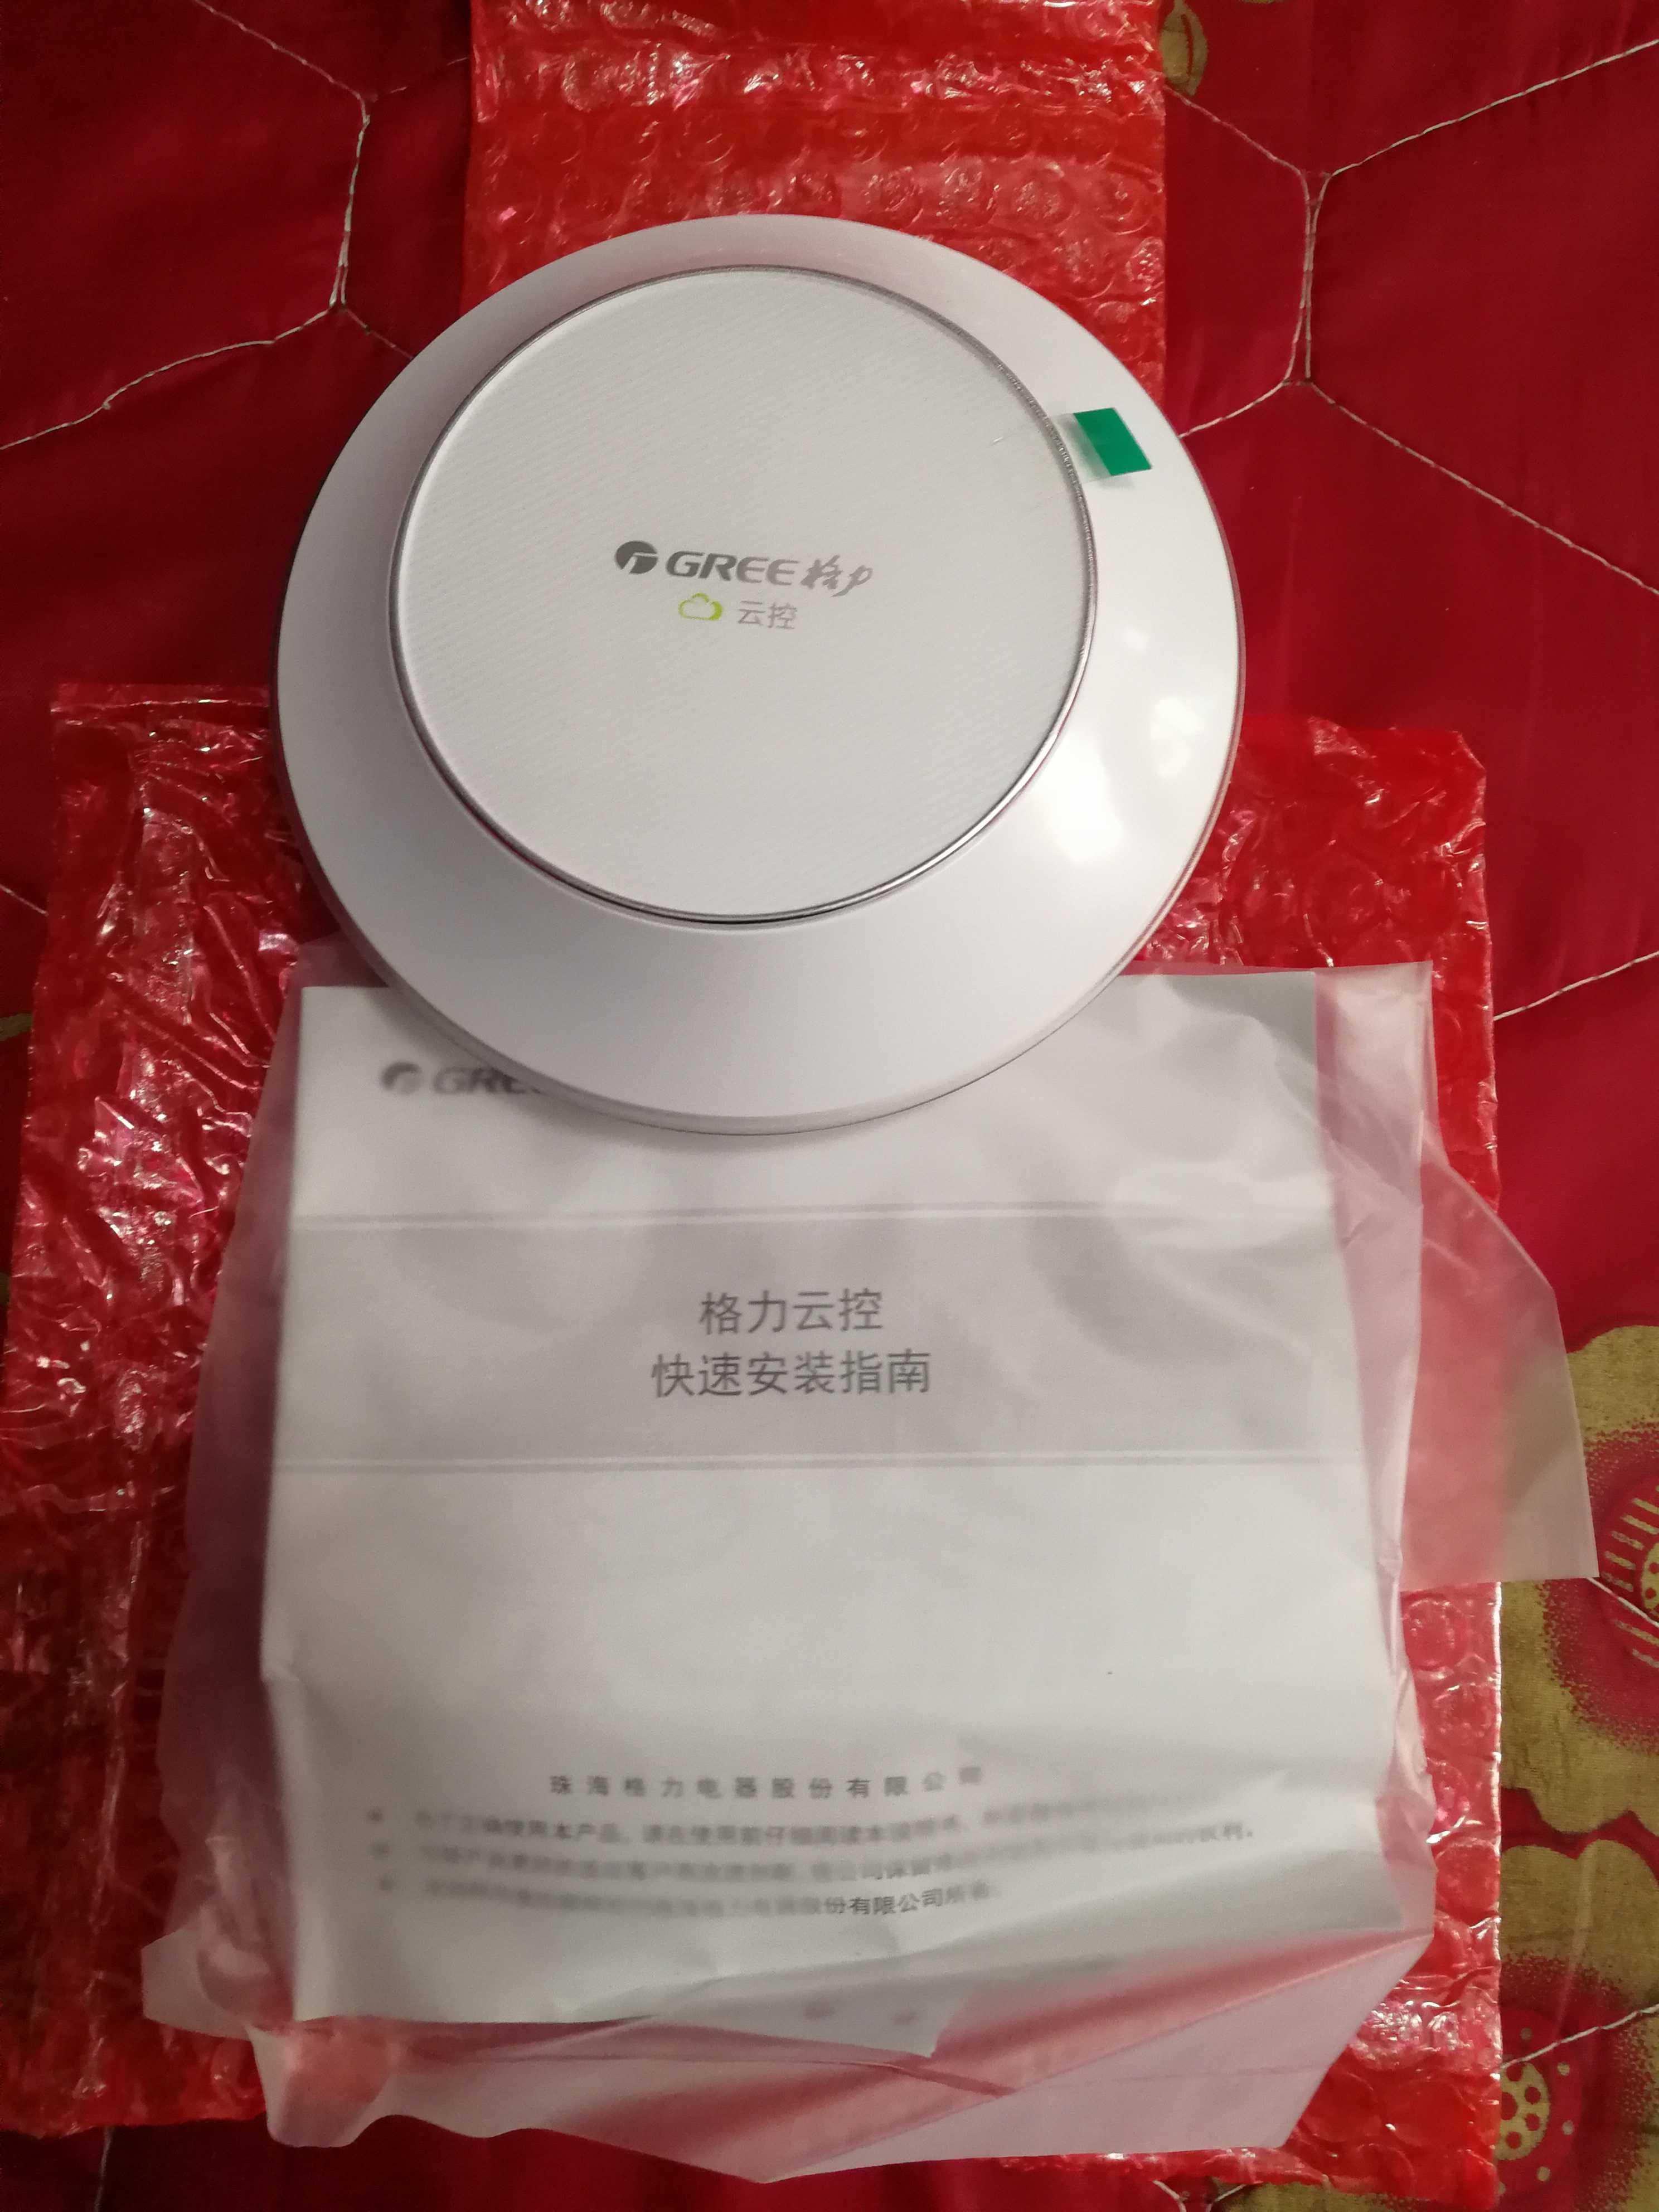 El nuevo MacBook pro la nube Central Air Conditioning control MC31-00 / en línea C2 5 generación de Wi - Fi